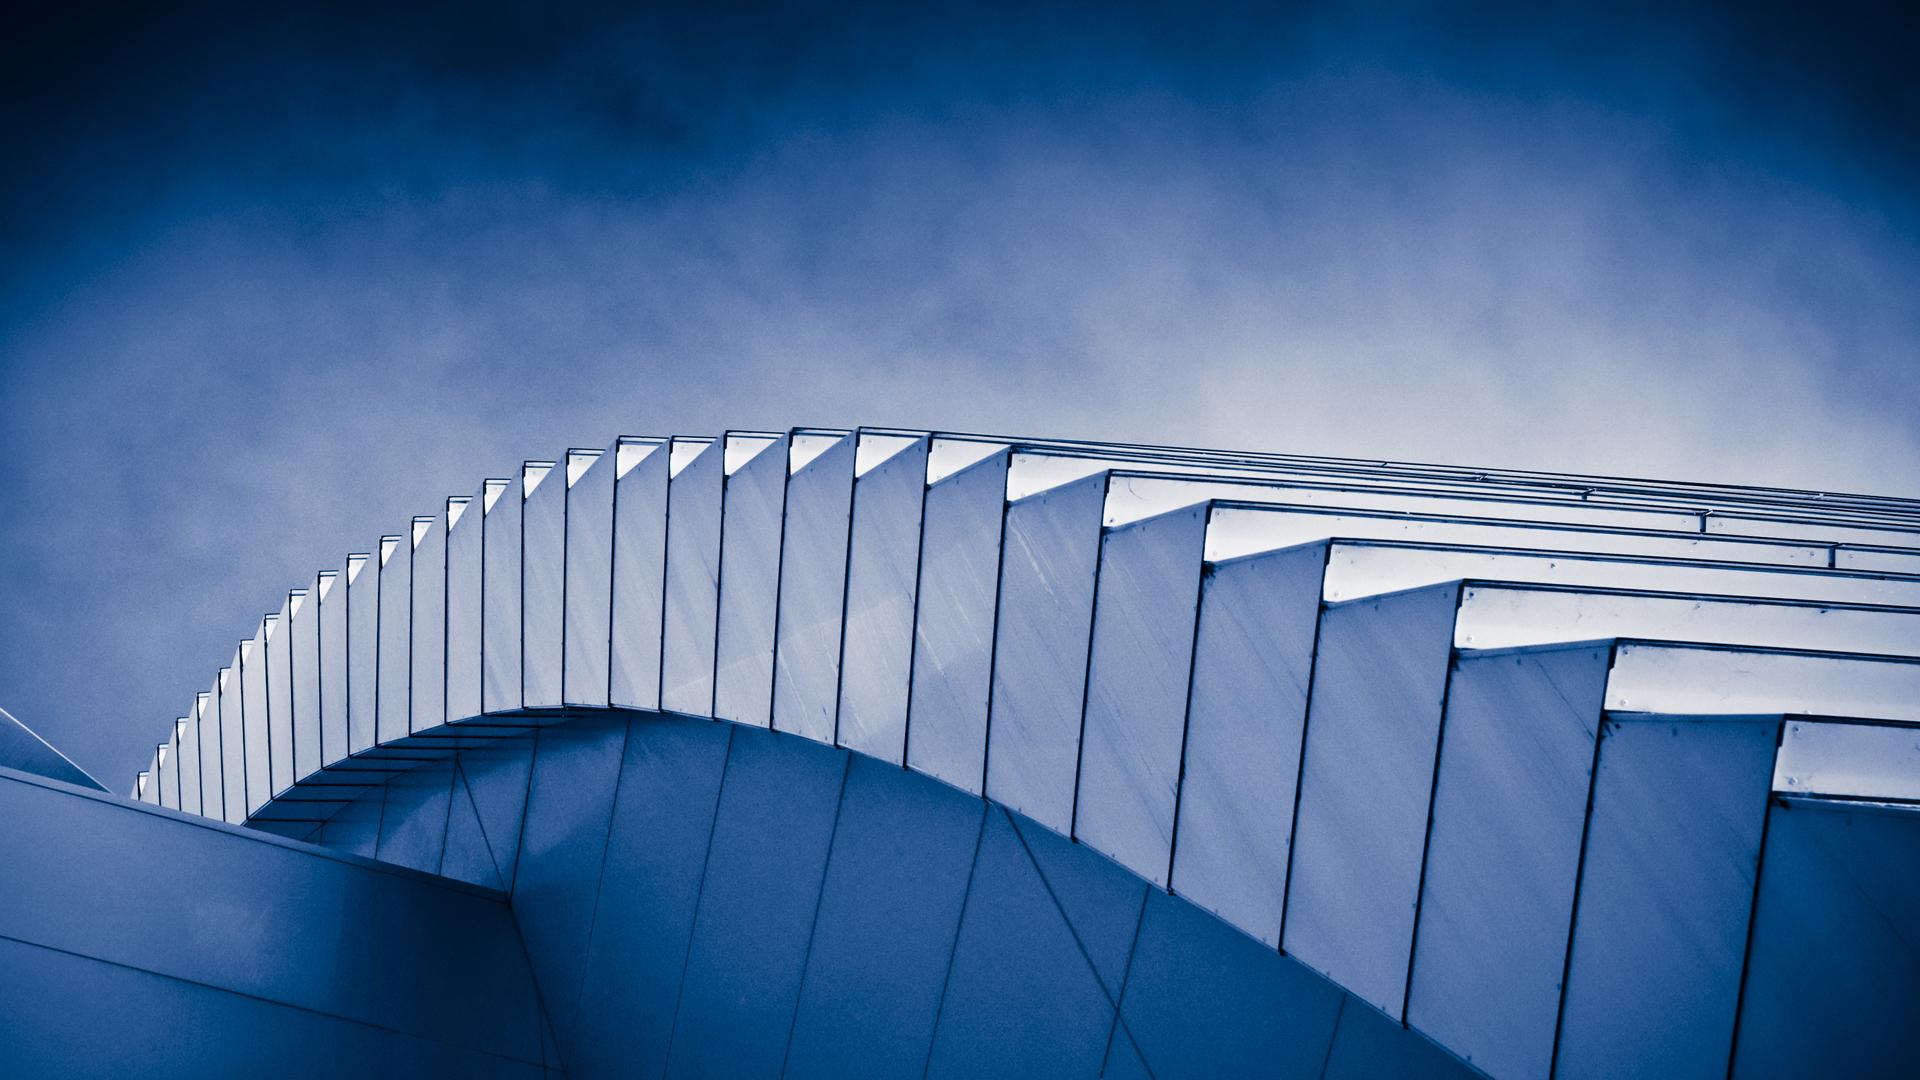 Architektur hd wallpaper hintergrund 1920x1080 id 208061 wallpaper abyss - Wallpaper architektur ...